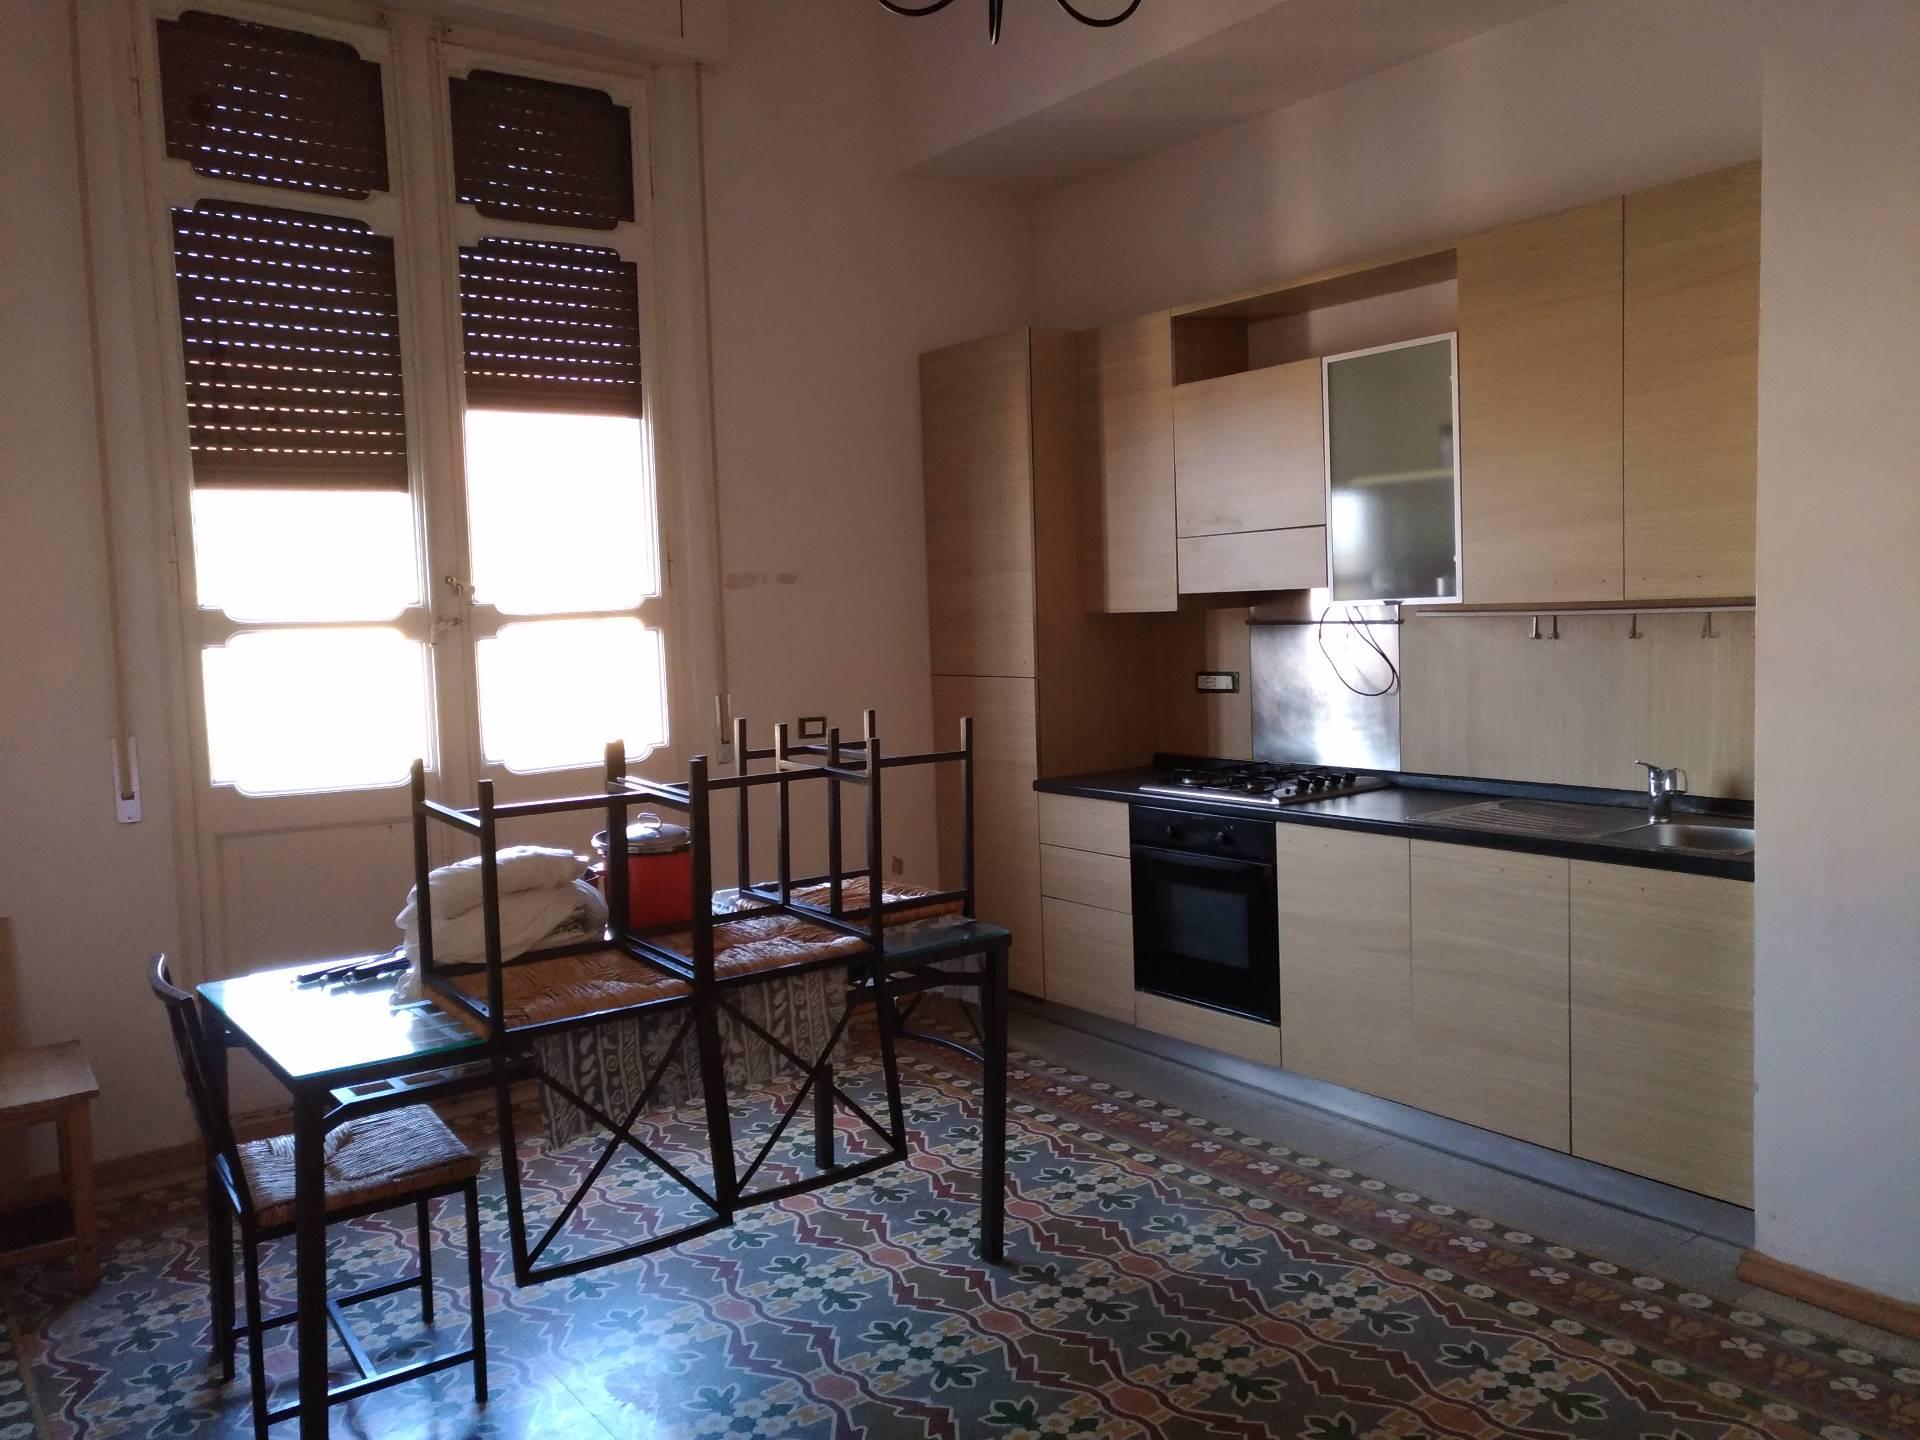 Appartamento in affitto a Ancona, 3 locali, zona Località: Centrostorico, prezzo € 650 | Cambio Casa.it